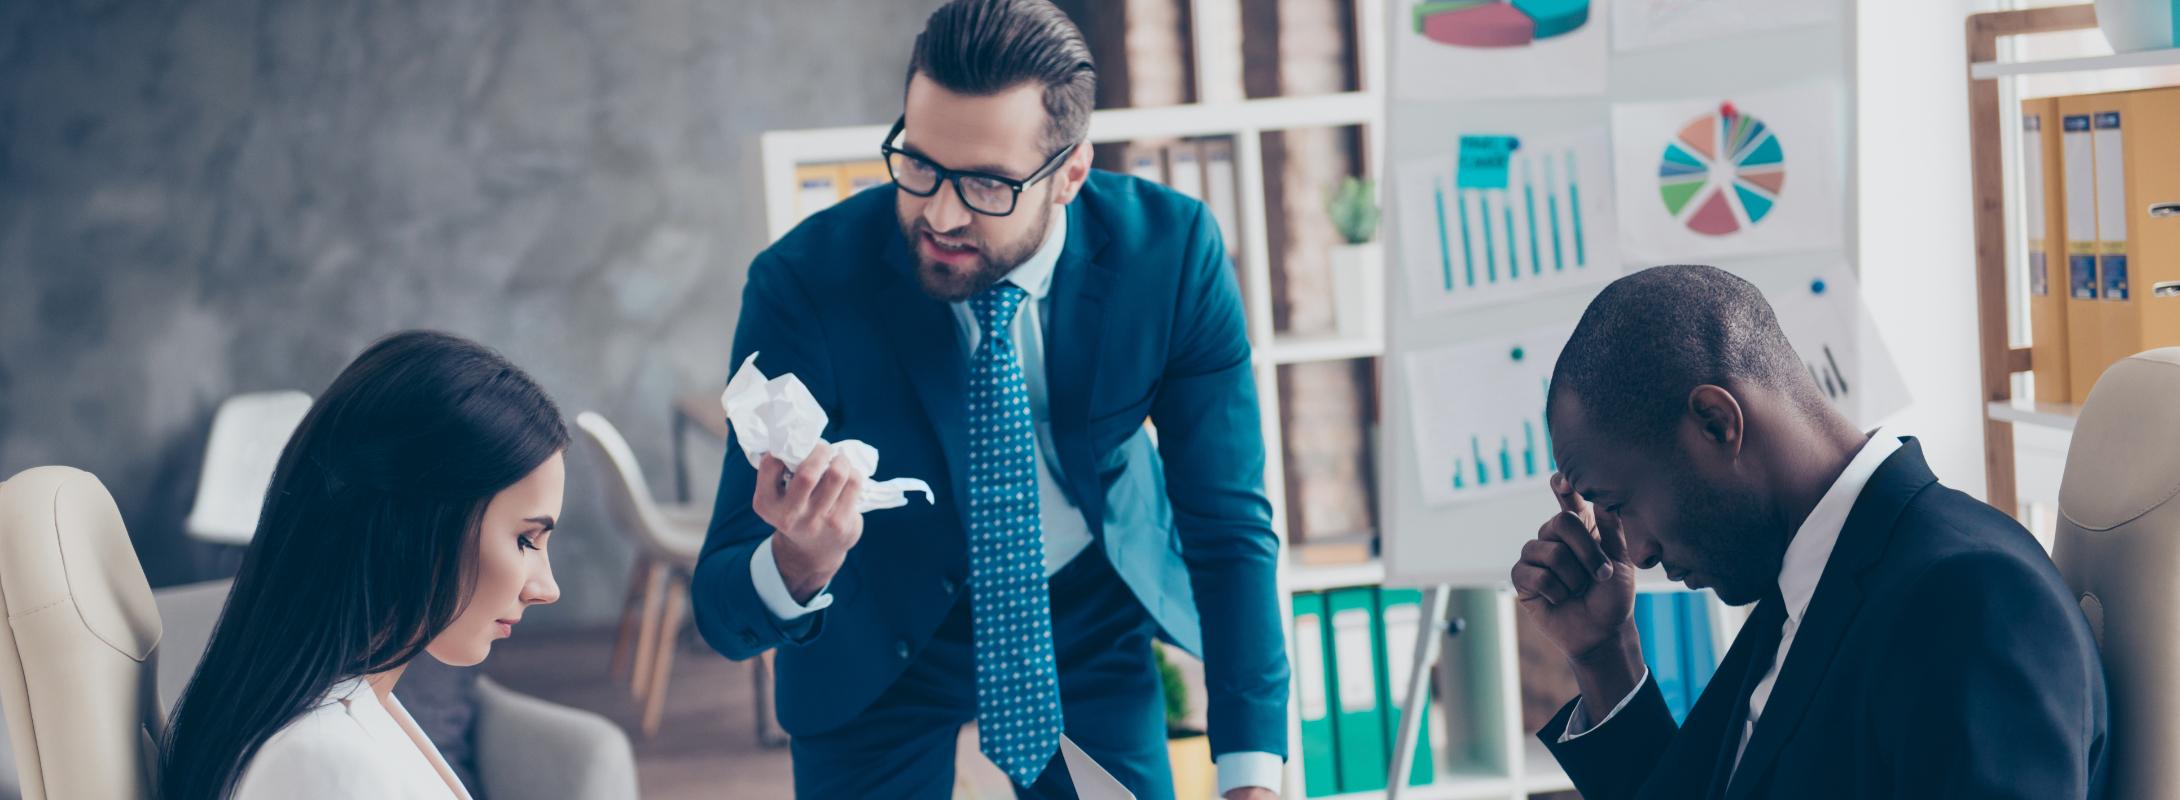 Umgang mit schlechtem Chef oder Ausbilder